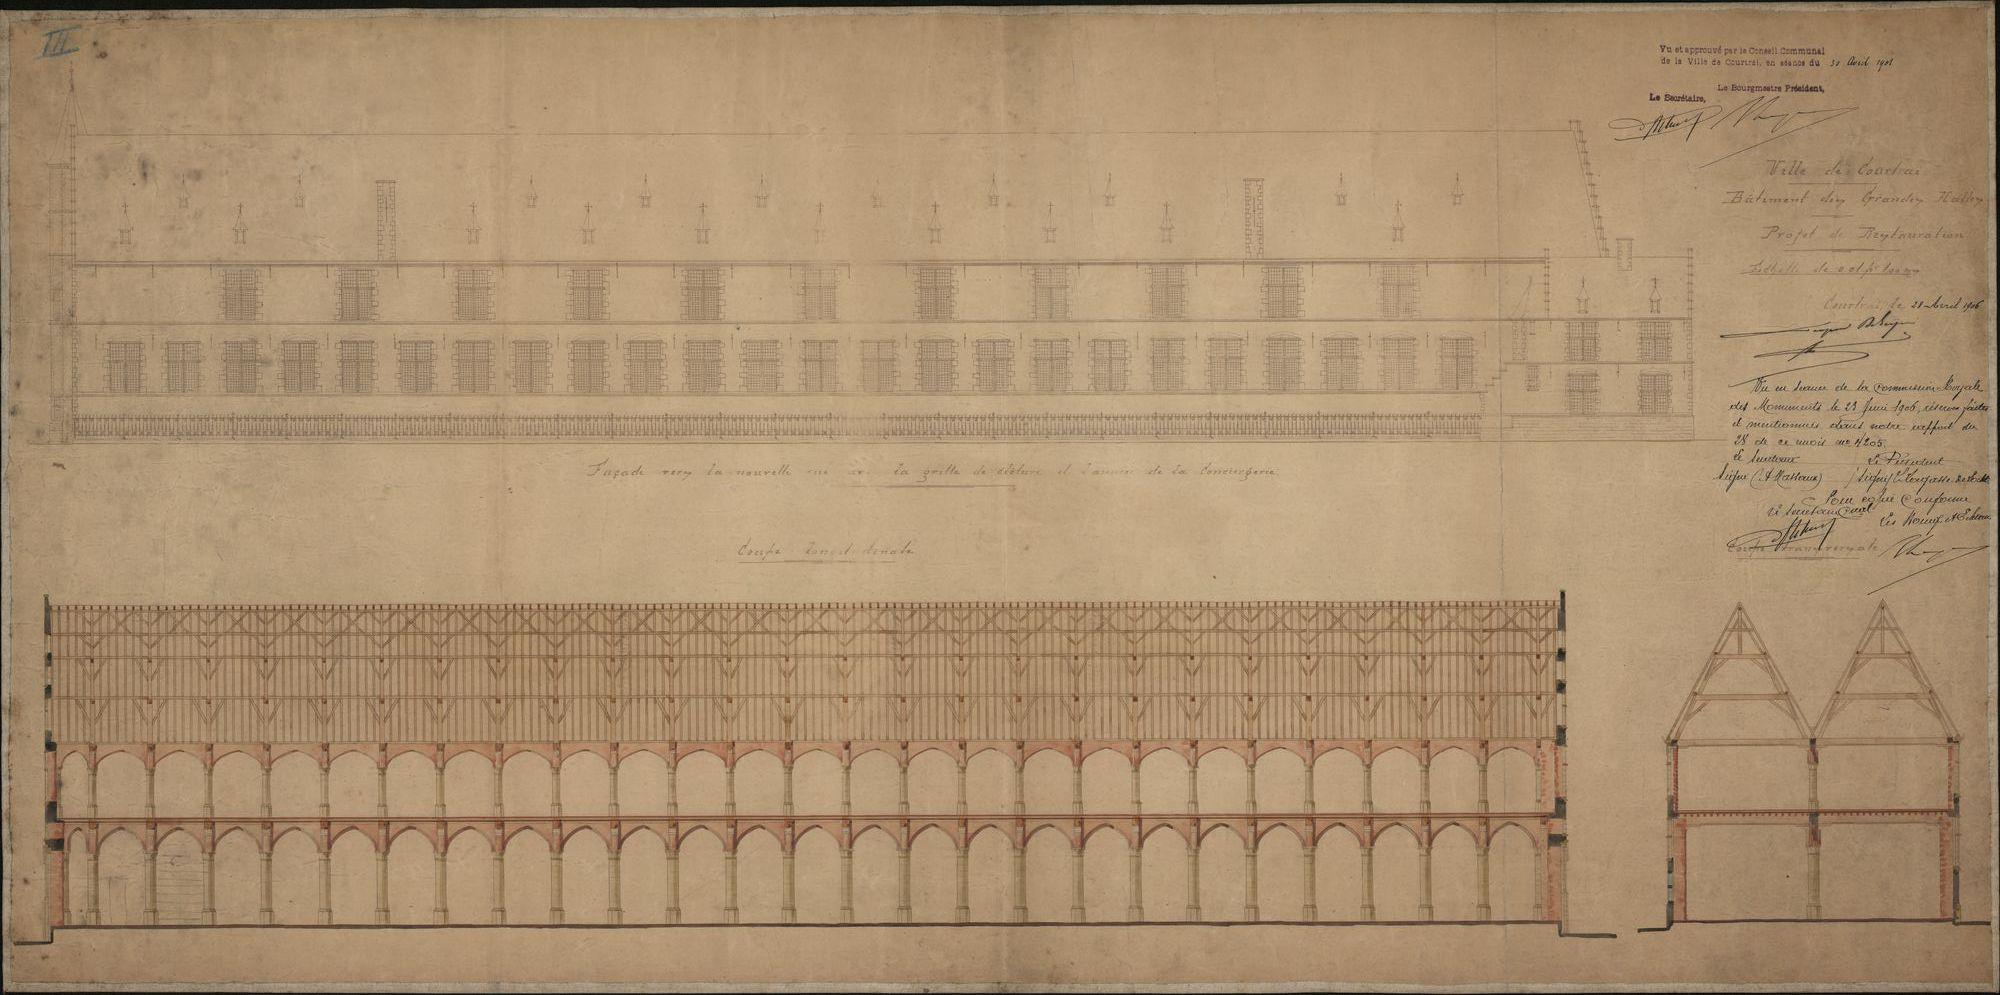 Bouwplannen van de dakconstructie van de Grote Hallen te Kortrijk, 1906.